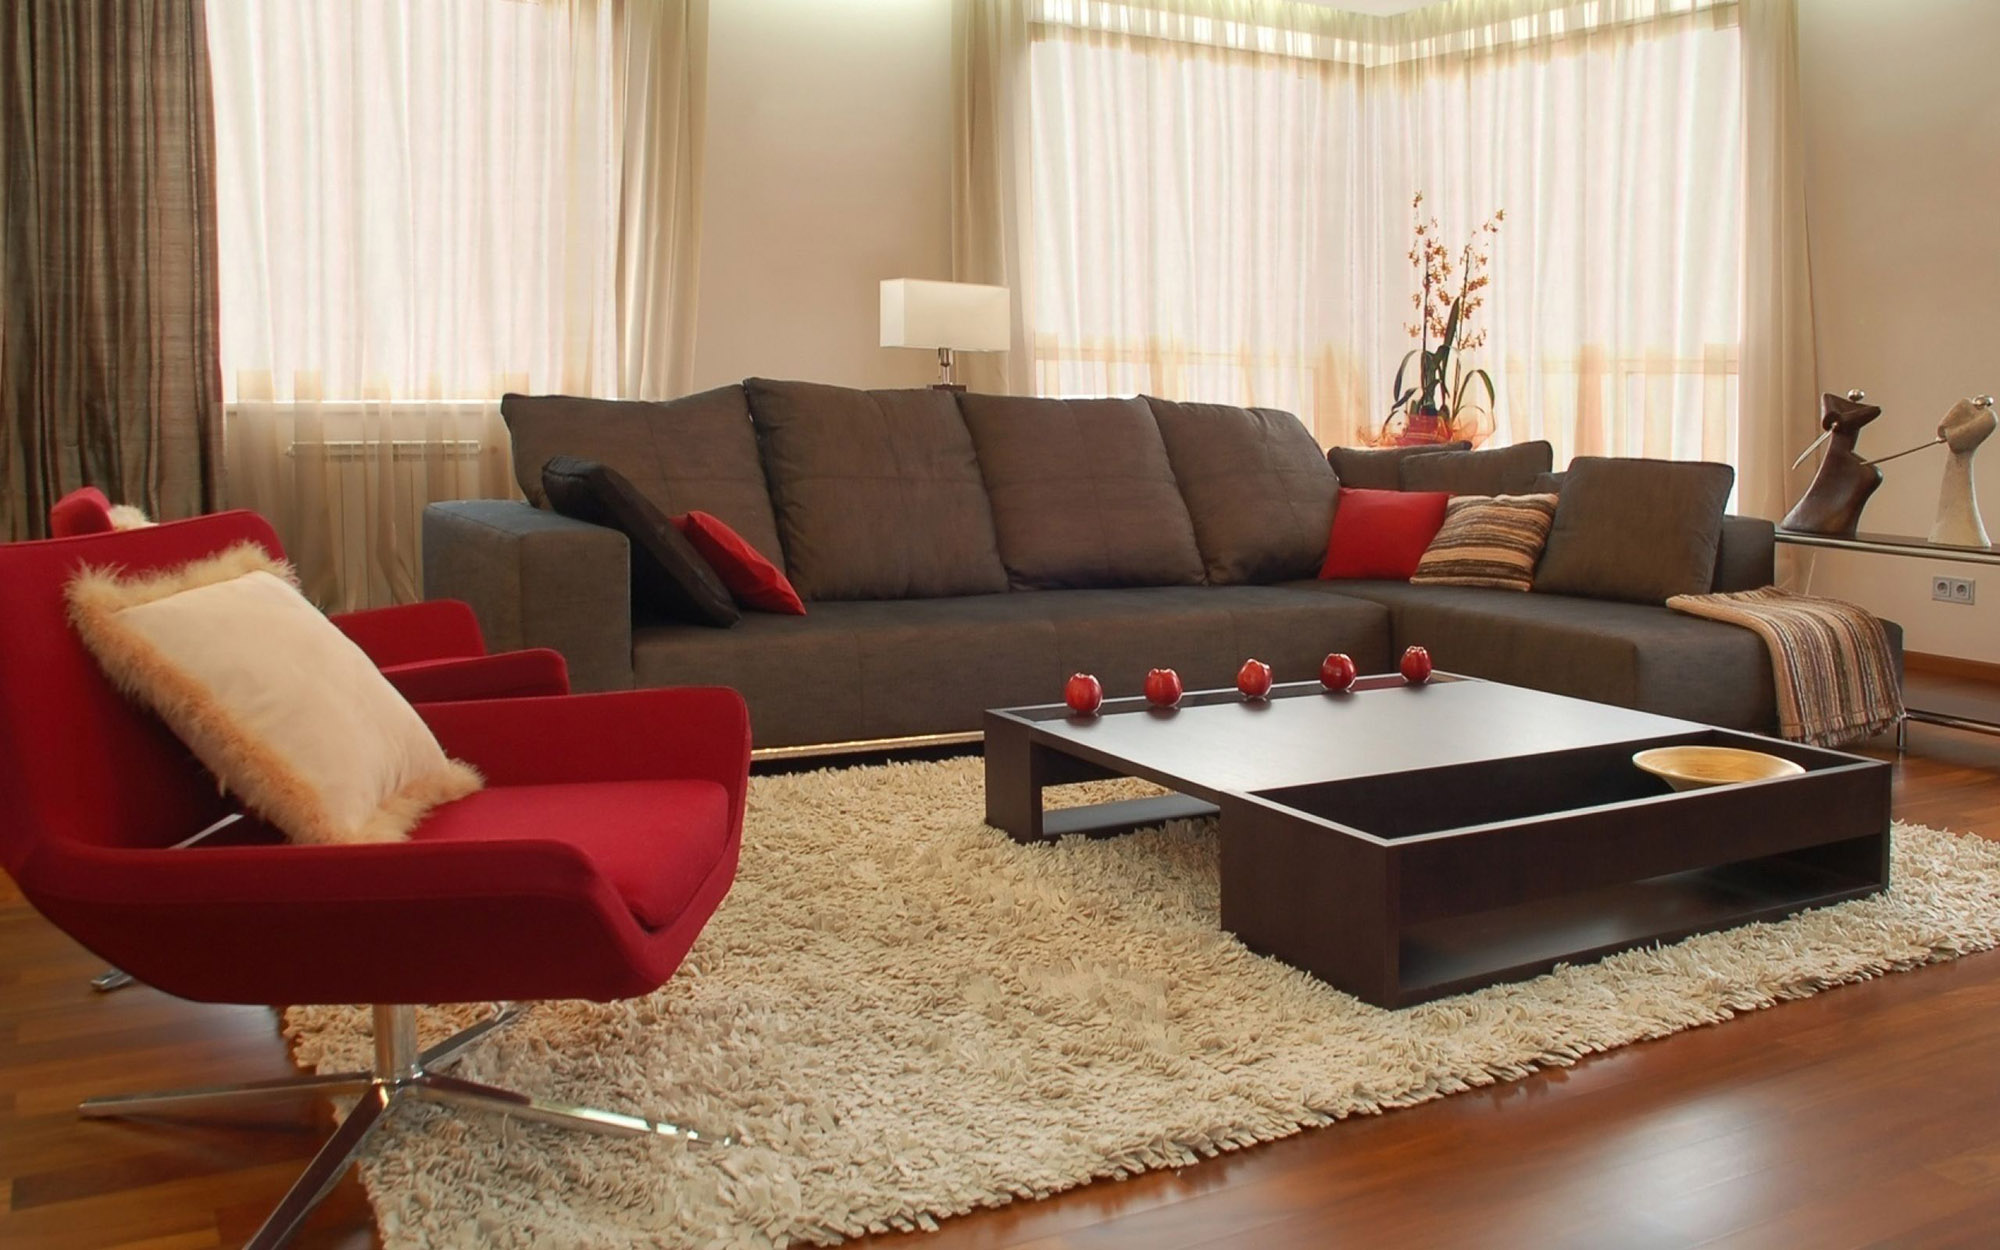 Красное кресло и подушки в гостиной